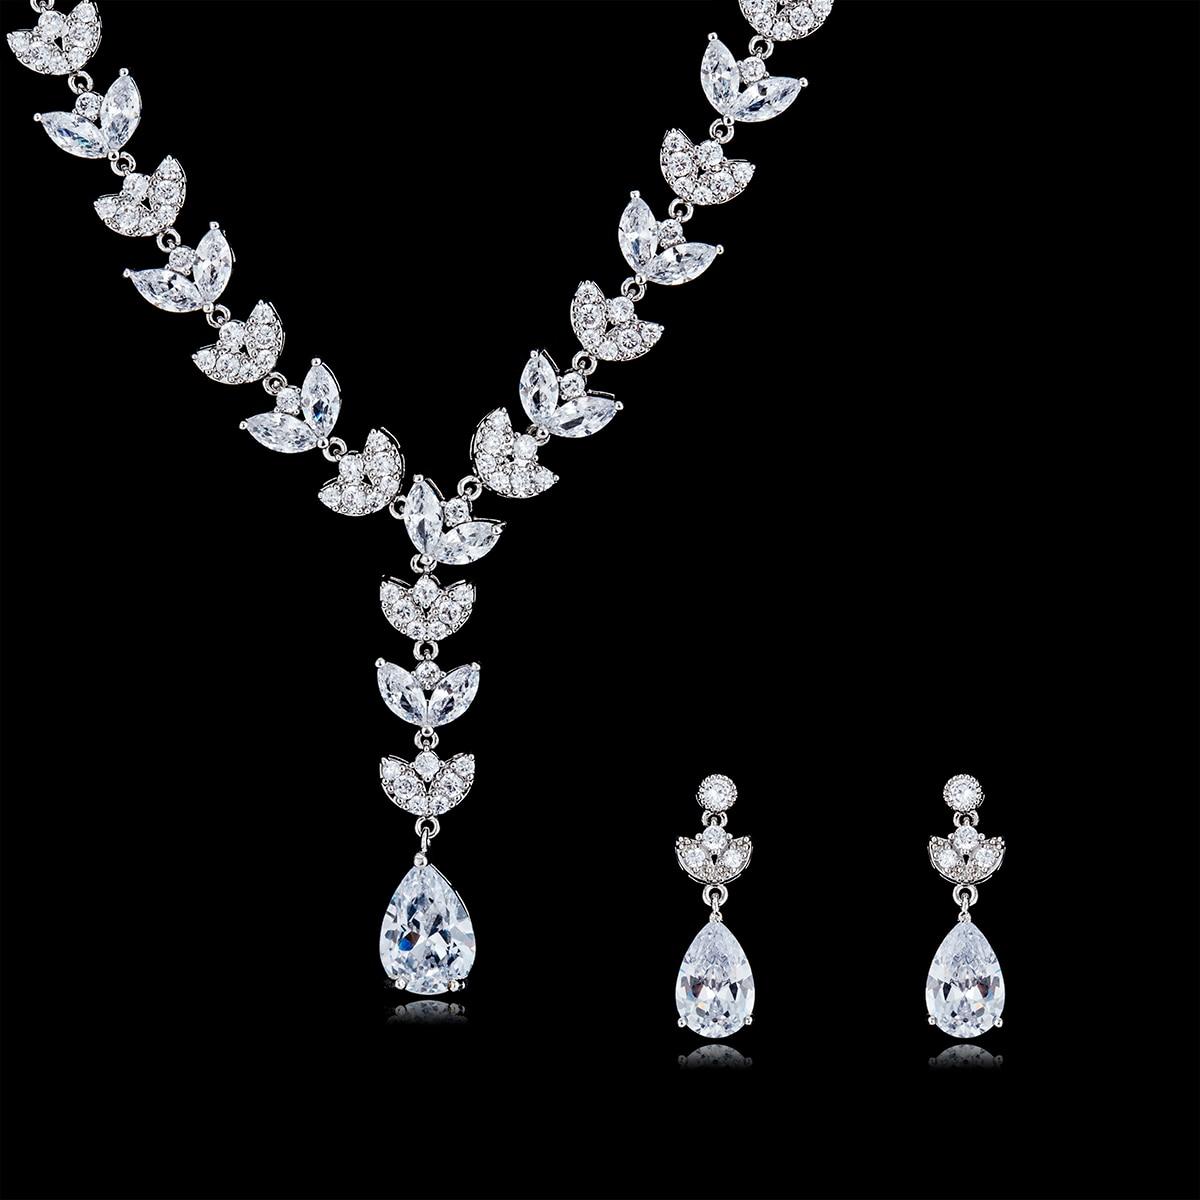 Superbe cristal CZ cubique zircone mariée mariage feuille collier boucle d'oreille ensemble bijoux ensembles pour femmes accessoires CN10117